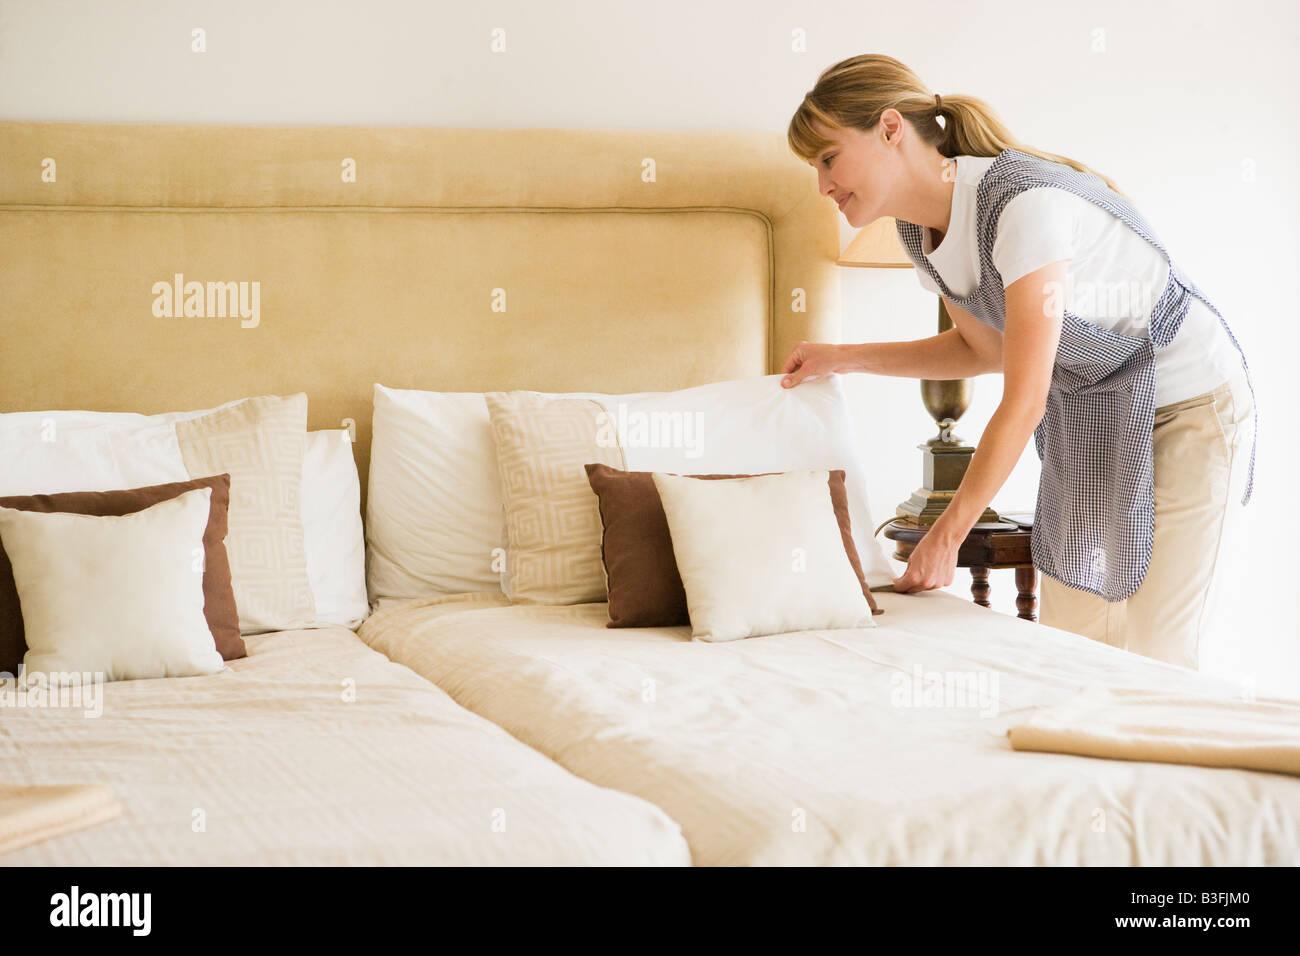 zimmermädchen im hotel zimmer lächelnd bett machen stockfoto, bild